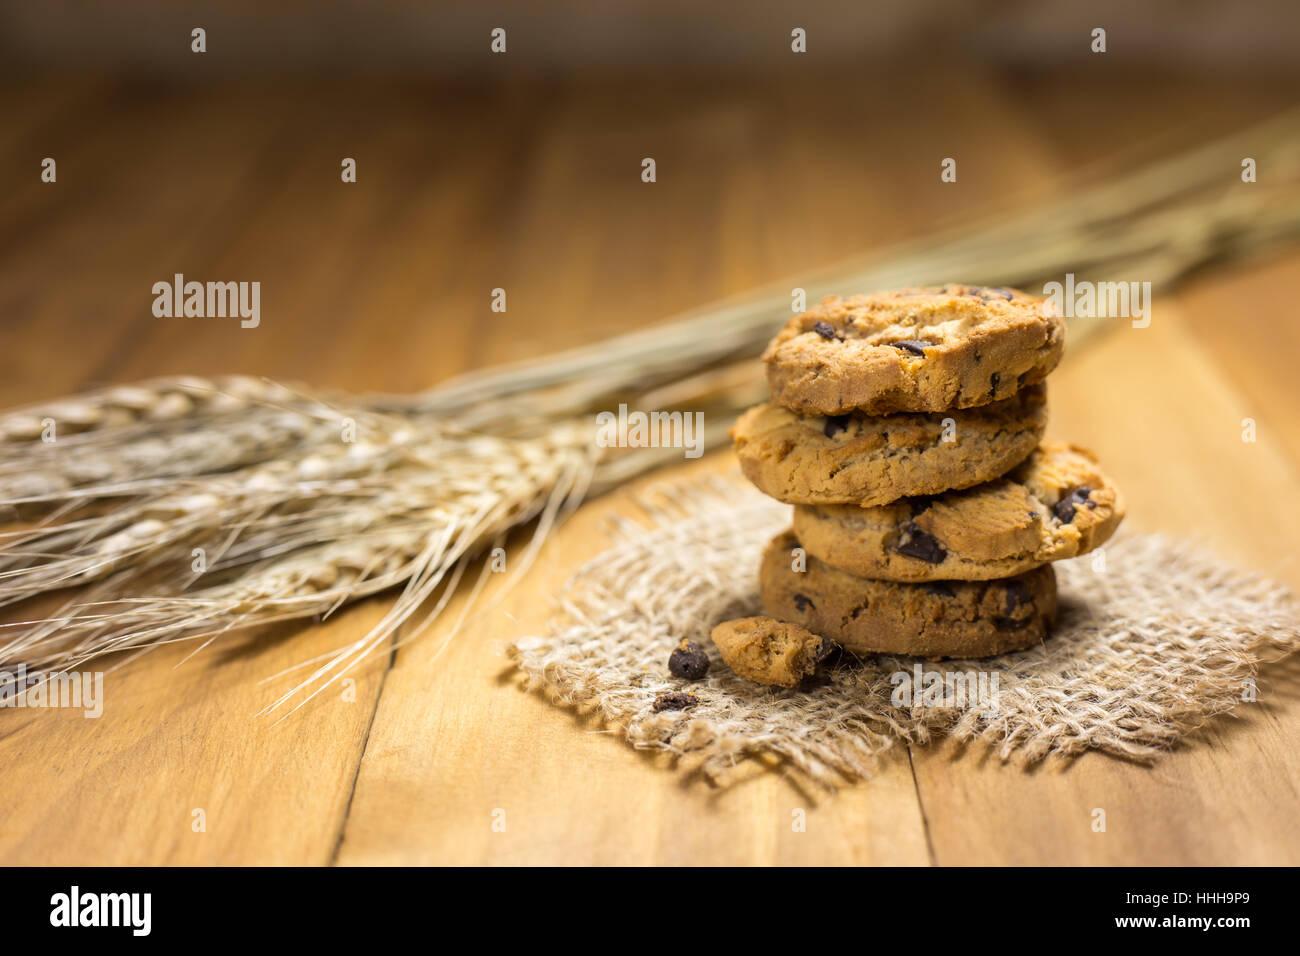 Les cookies au chocolat sur un sac en tissu sur bois. Cookies aux pépites de chocolat et de malt de riz tourné Photo Stock